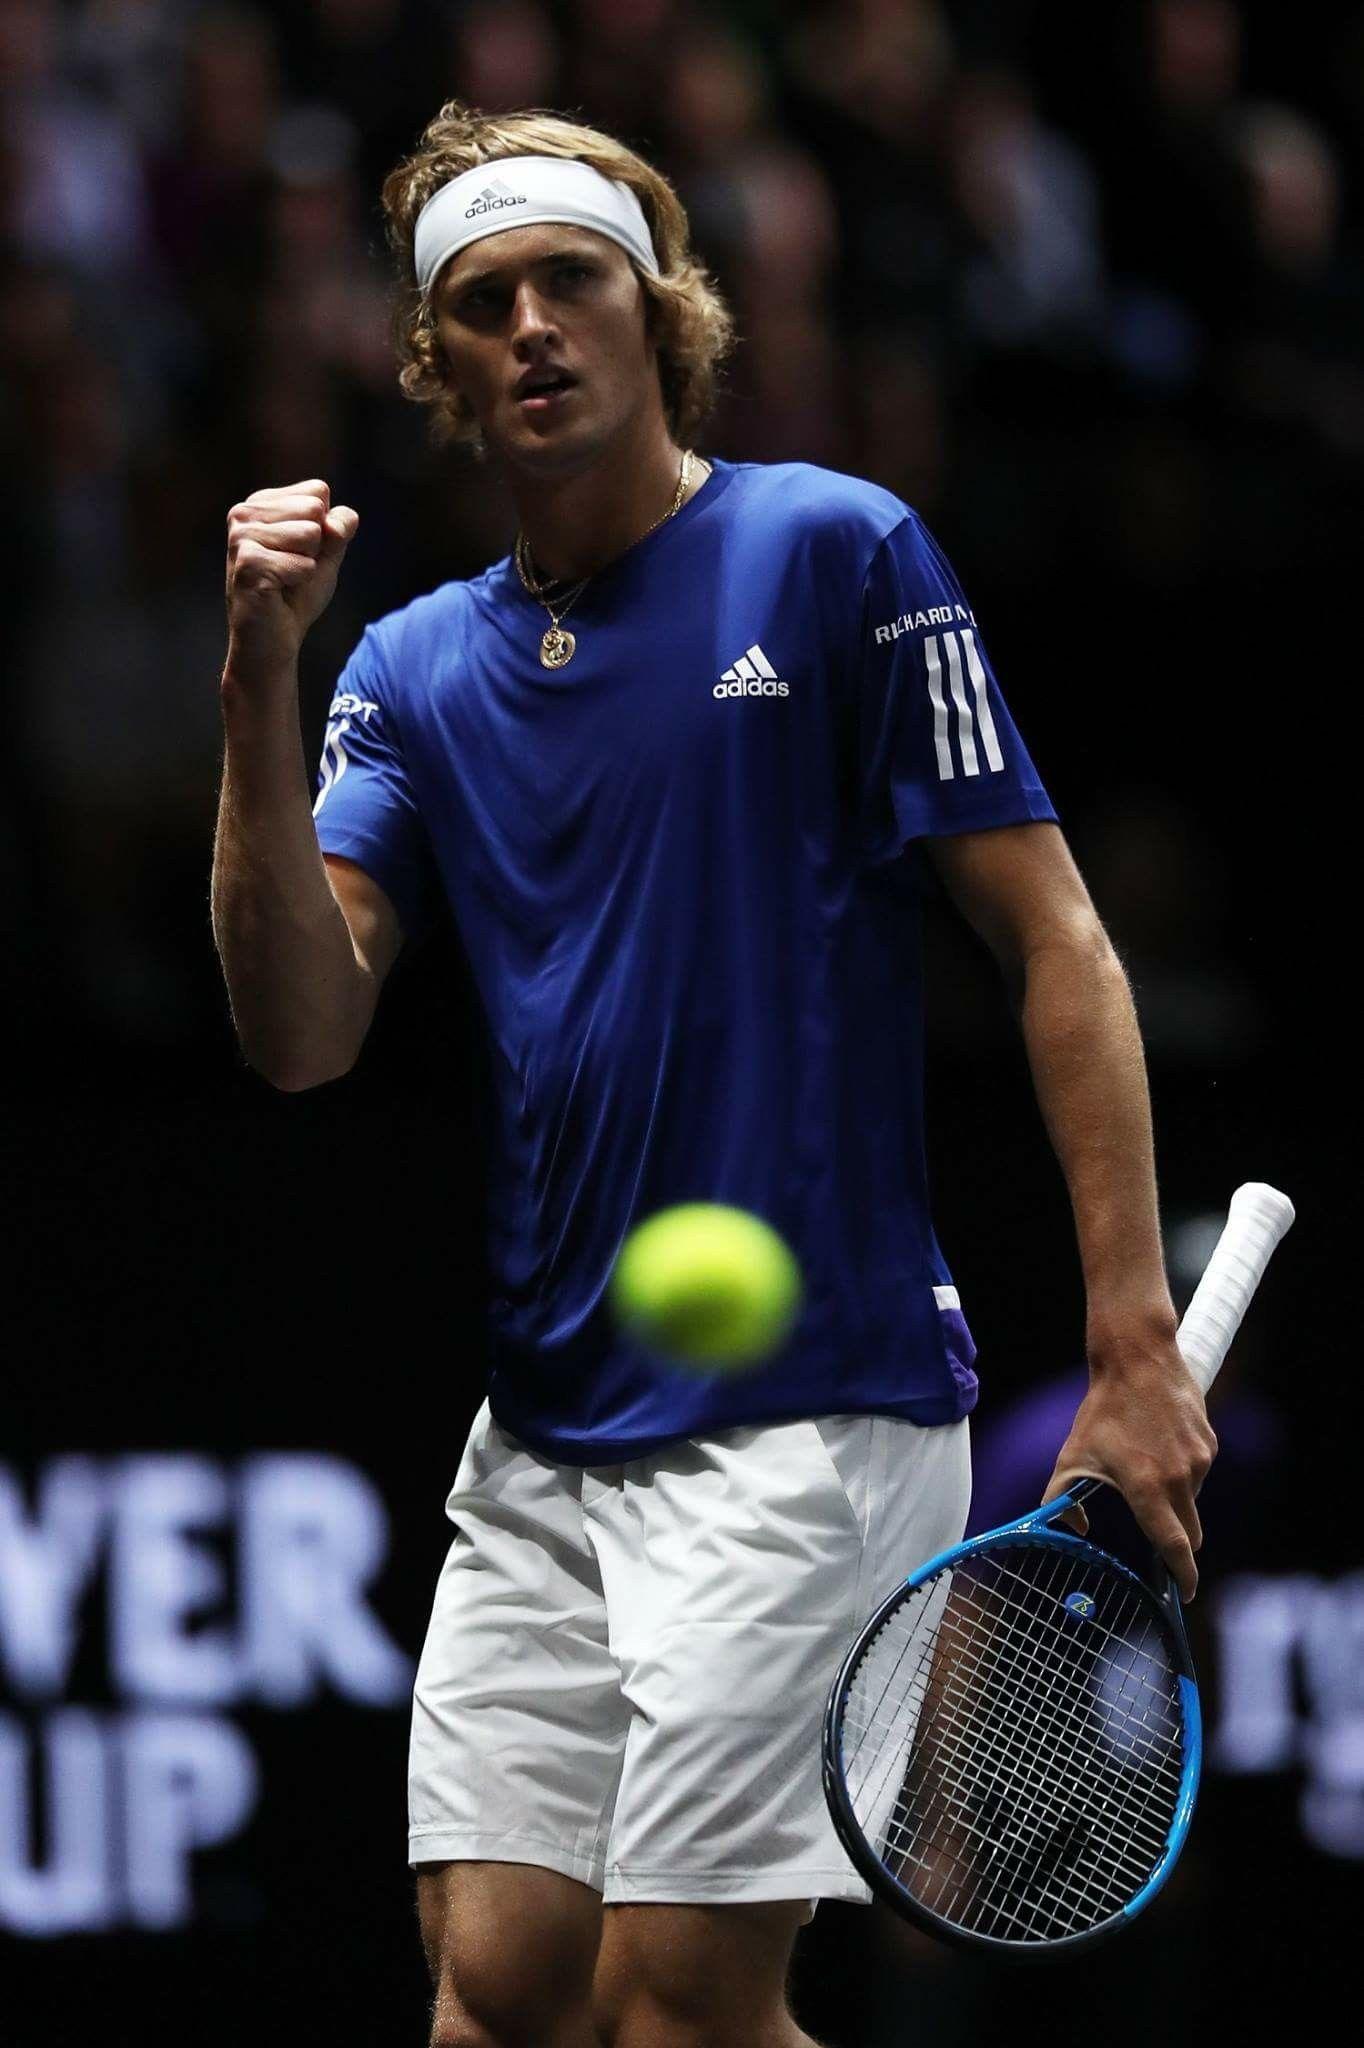 Alexander Sasha Zverev Alexander Zverev Tennis World Tennis Players